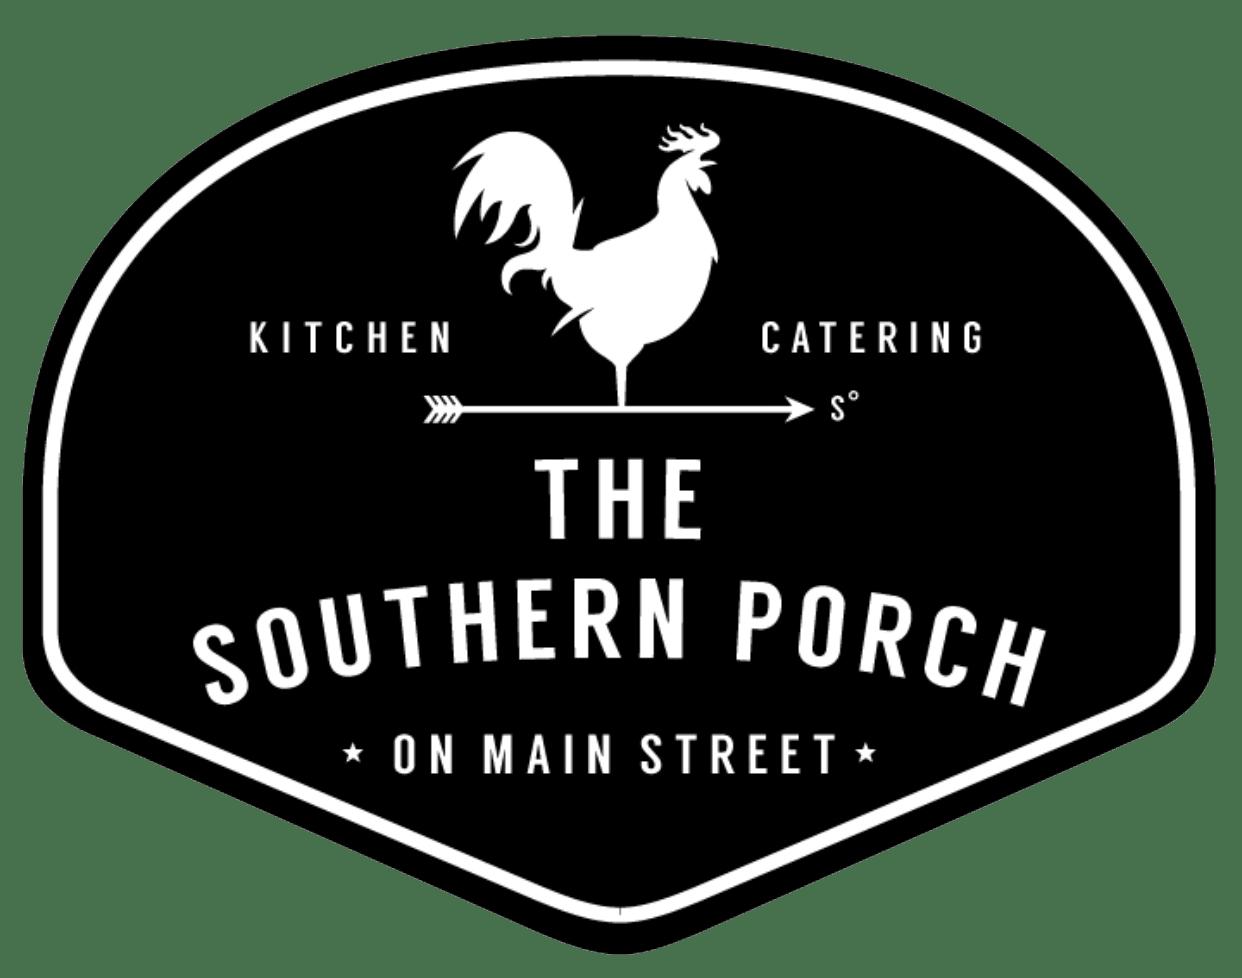 Southern Porch logo